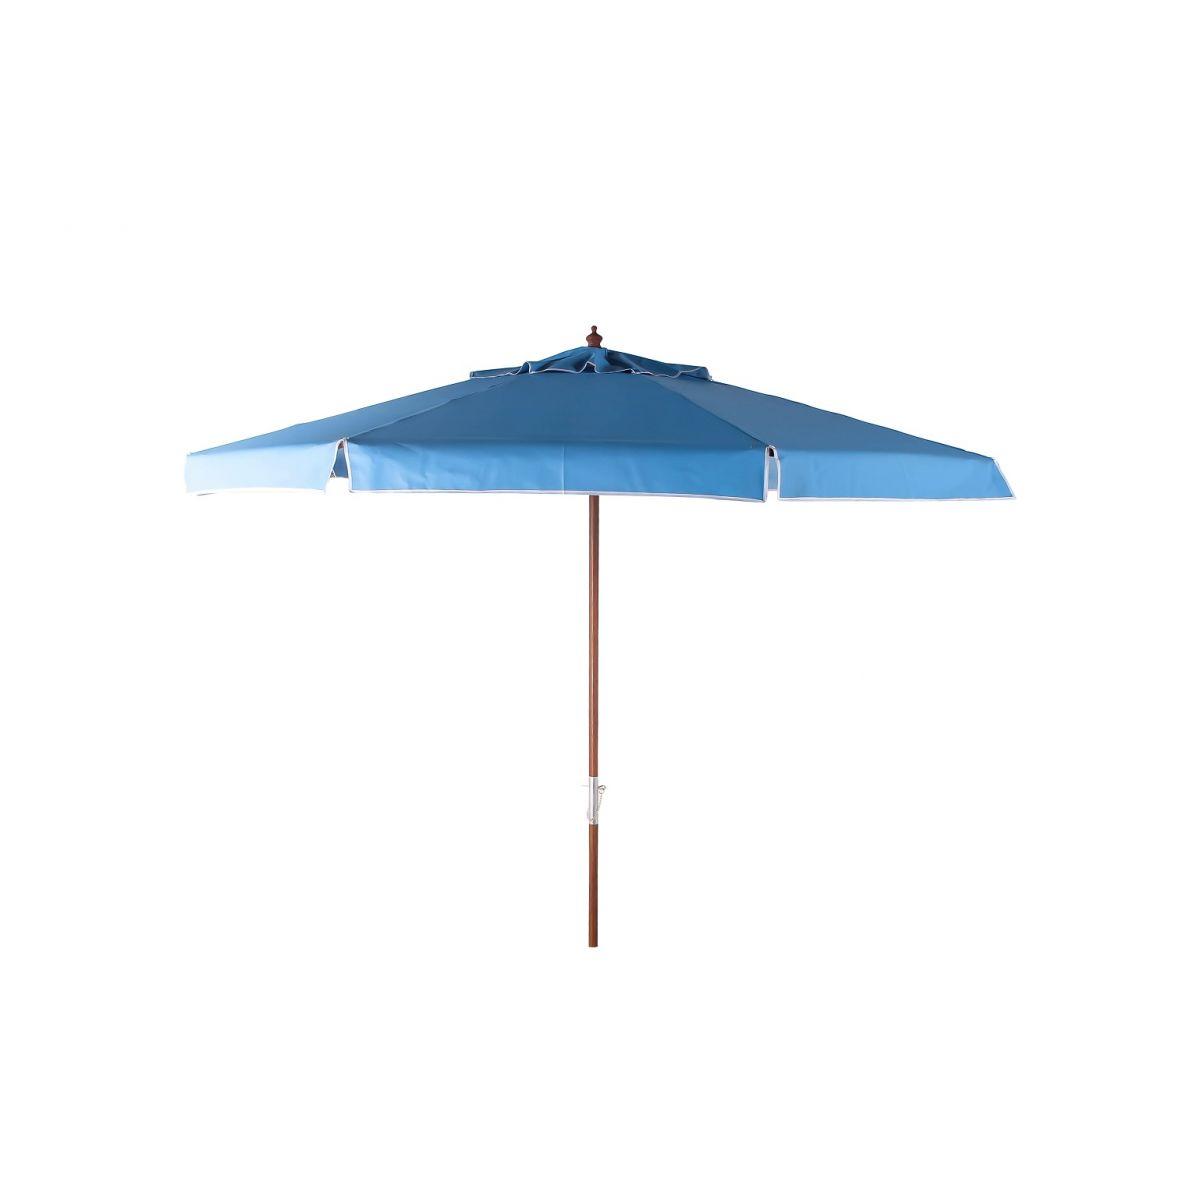 Ombrelone Bagum 3,00 metros Azul Bel Fix